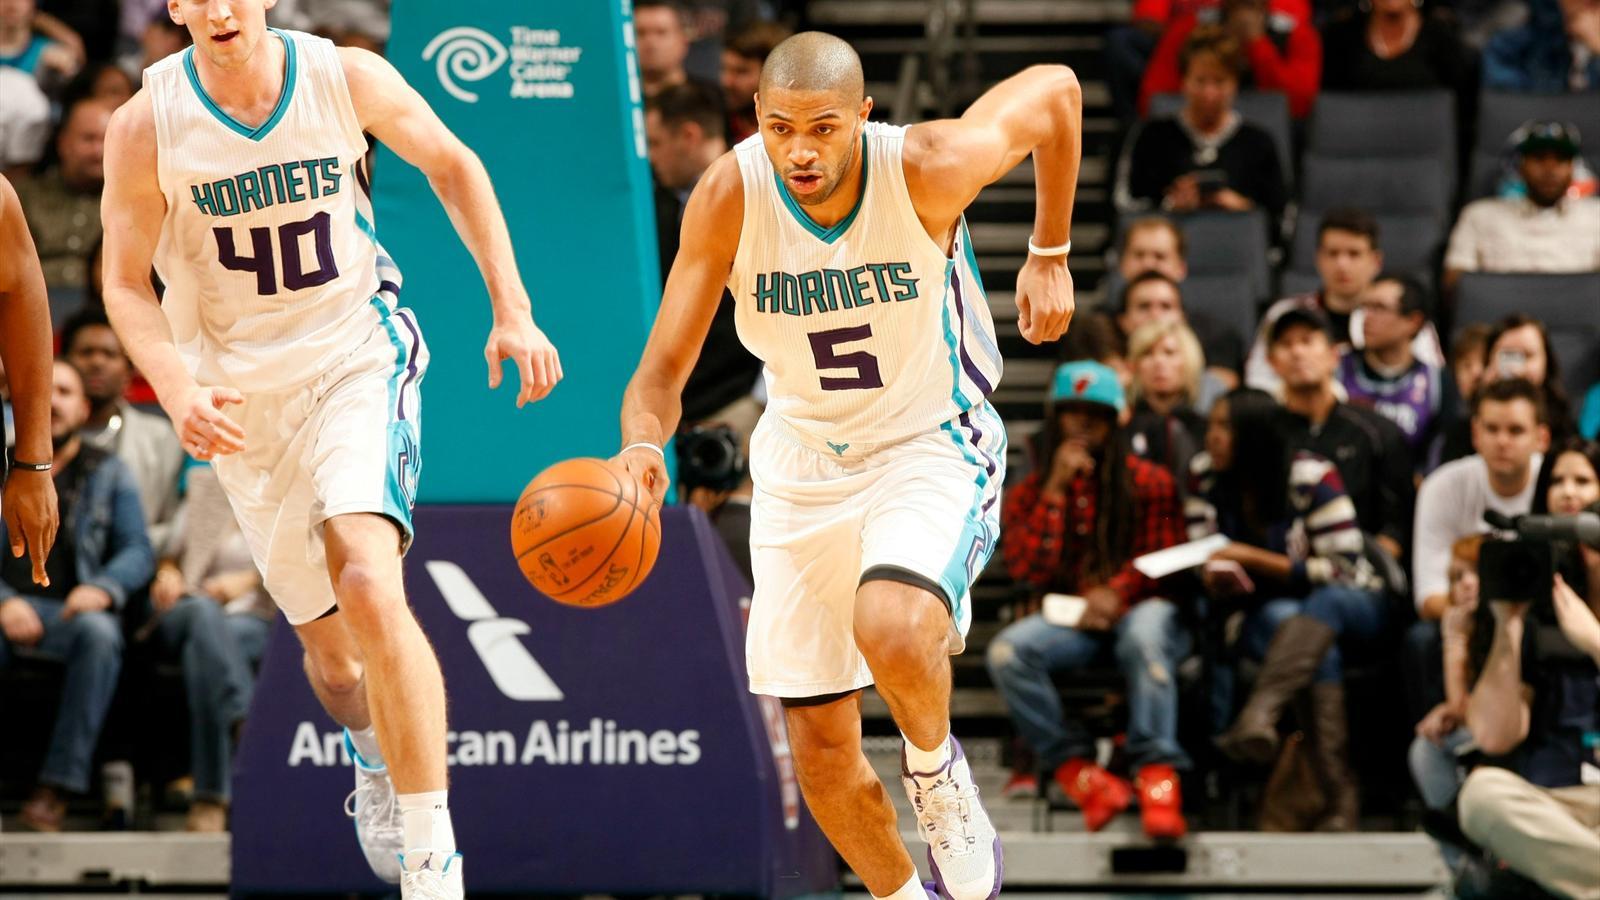 Salaires : comment les joueurs NBA sont devenus les nouveaux